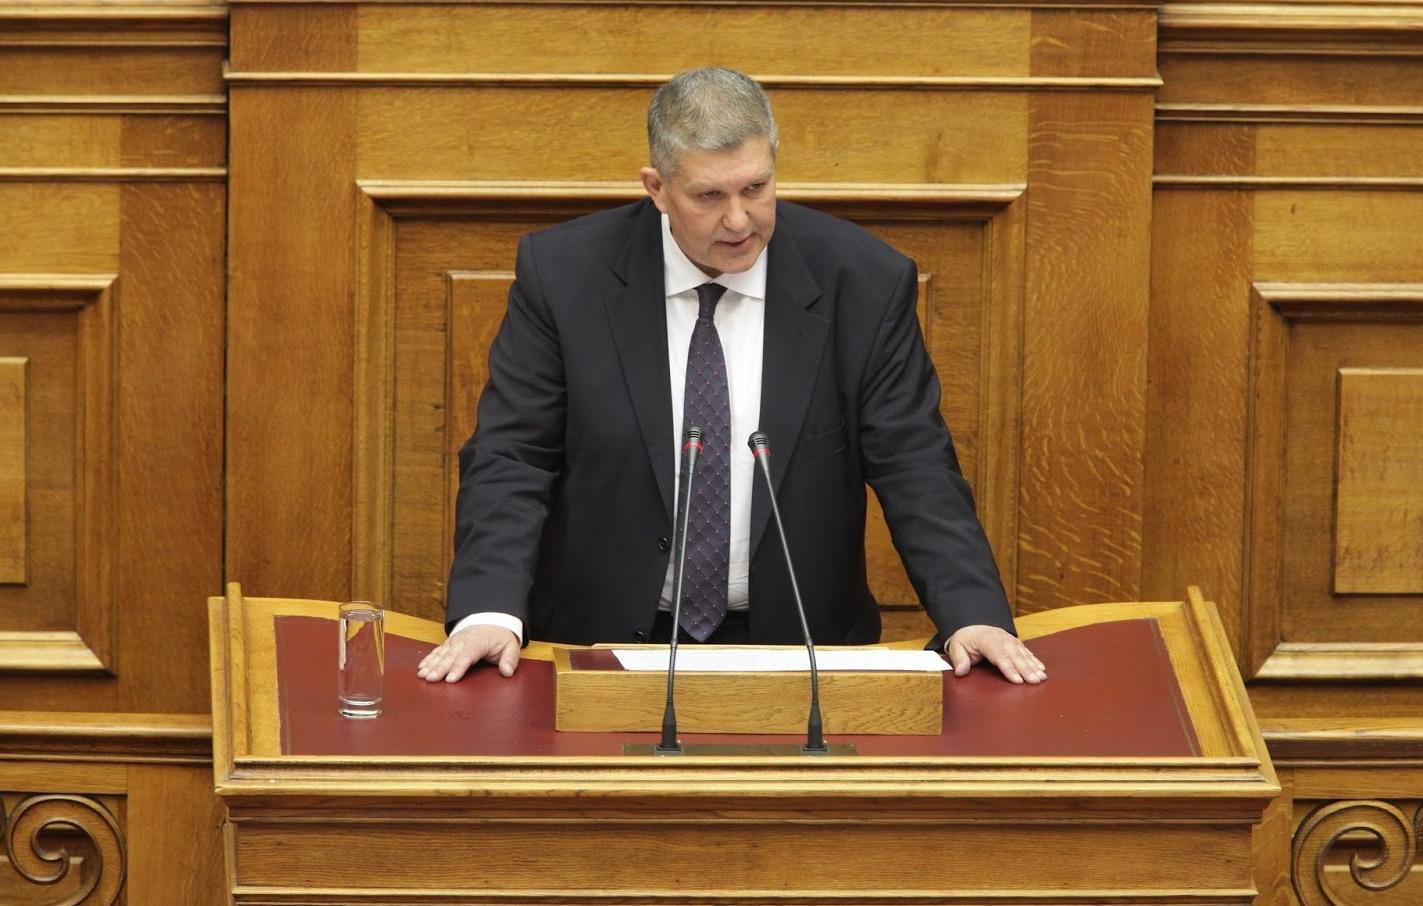 Ομιλία του Γ. Καραγιάννη στη συζήτηση επί της πρότασης δυσπιστίας κατά της Κυβέρνησης